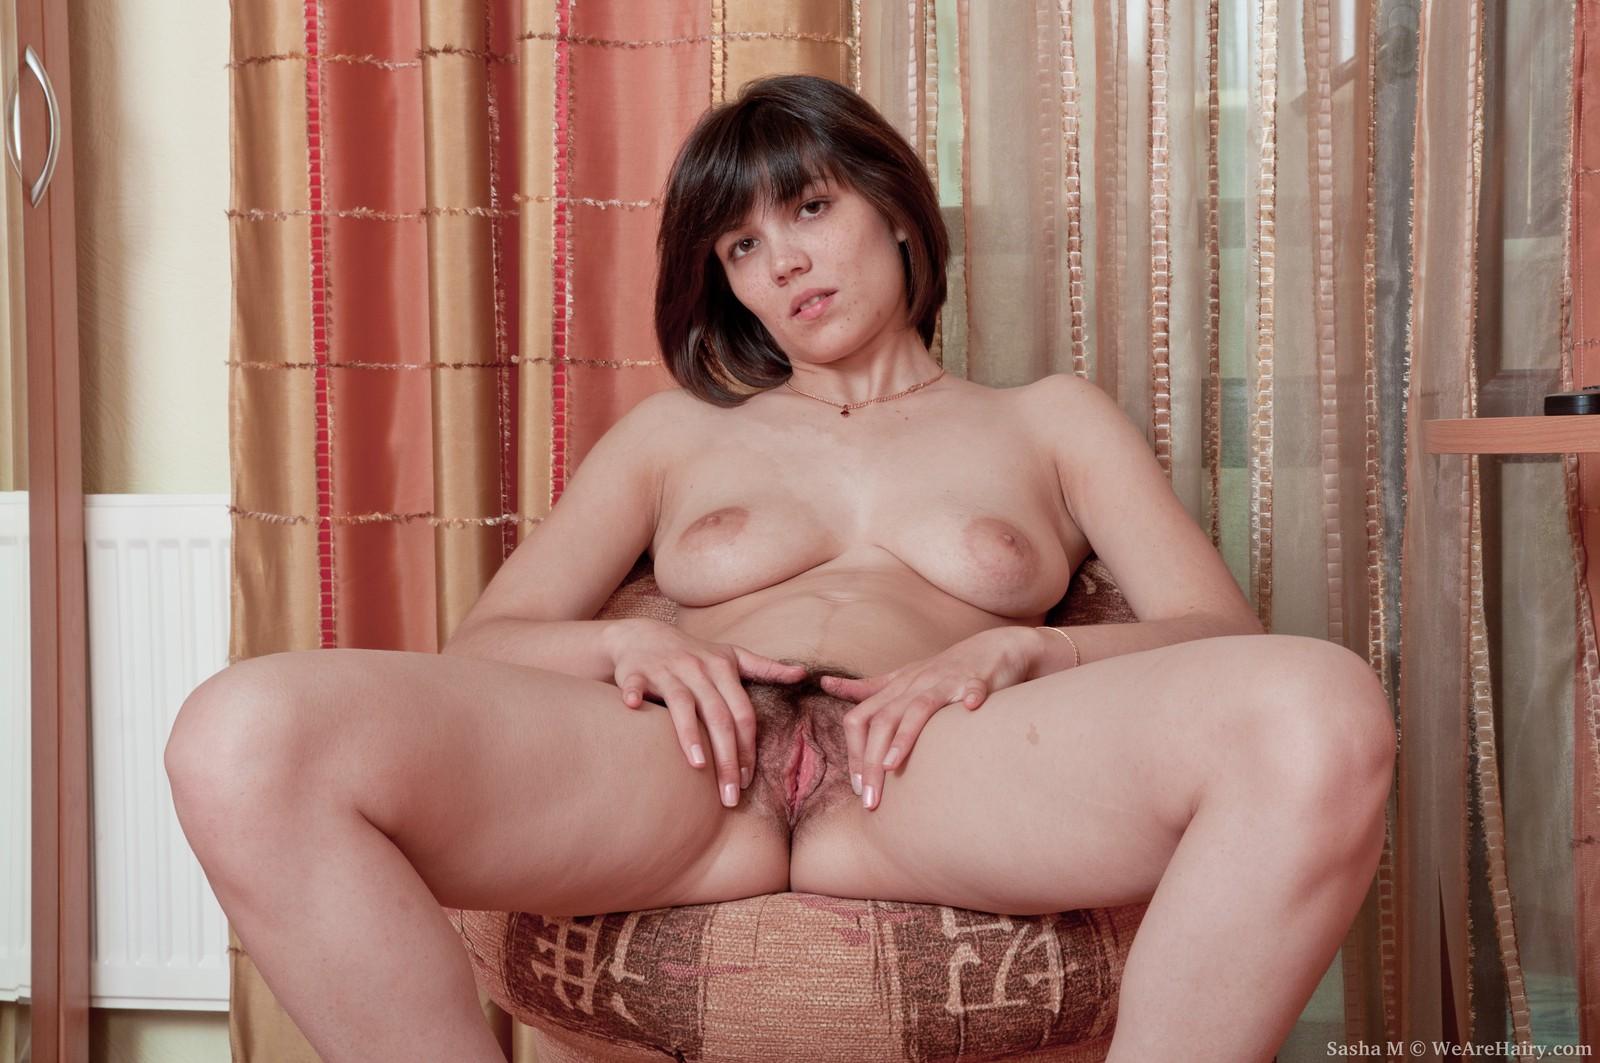 Хозяйка мокрая пися порно 6 фотография